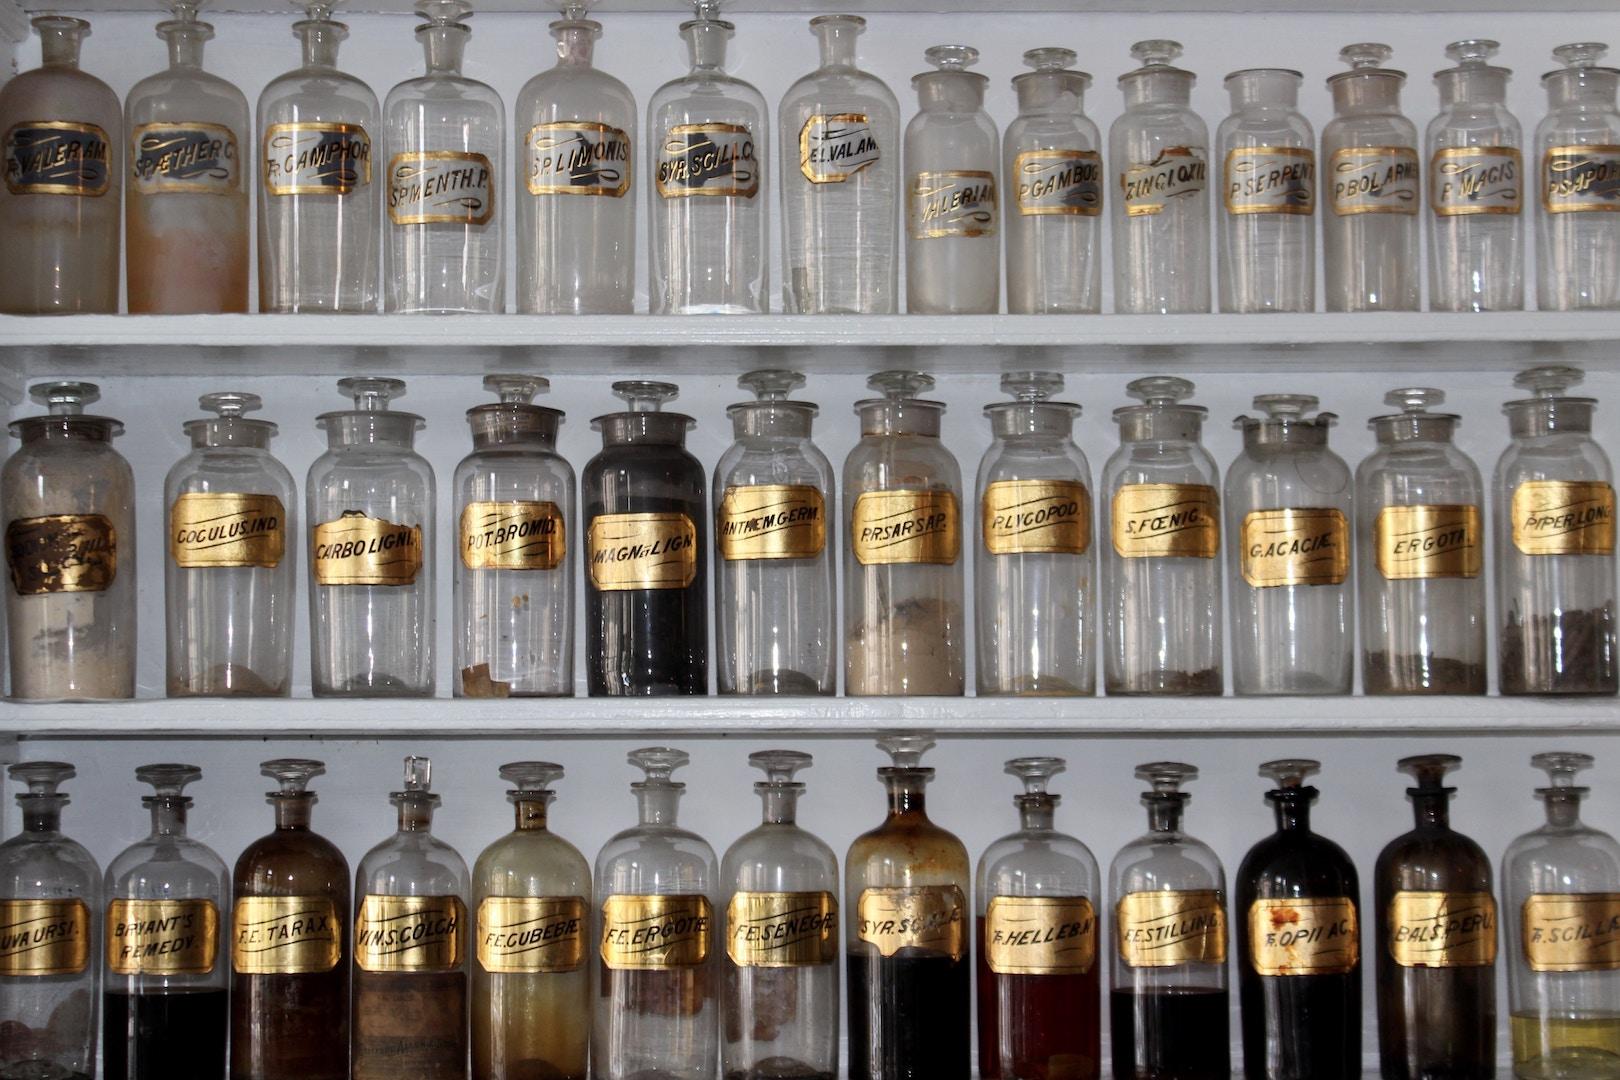 Profesjonalne zapachy do apteki czyli jak zwiększyć sprzedaż w aptece.